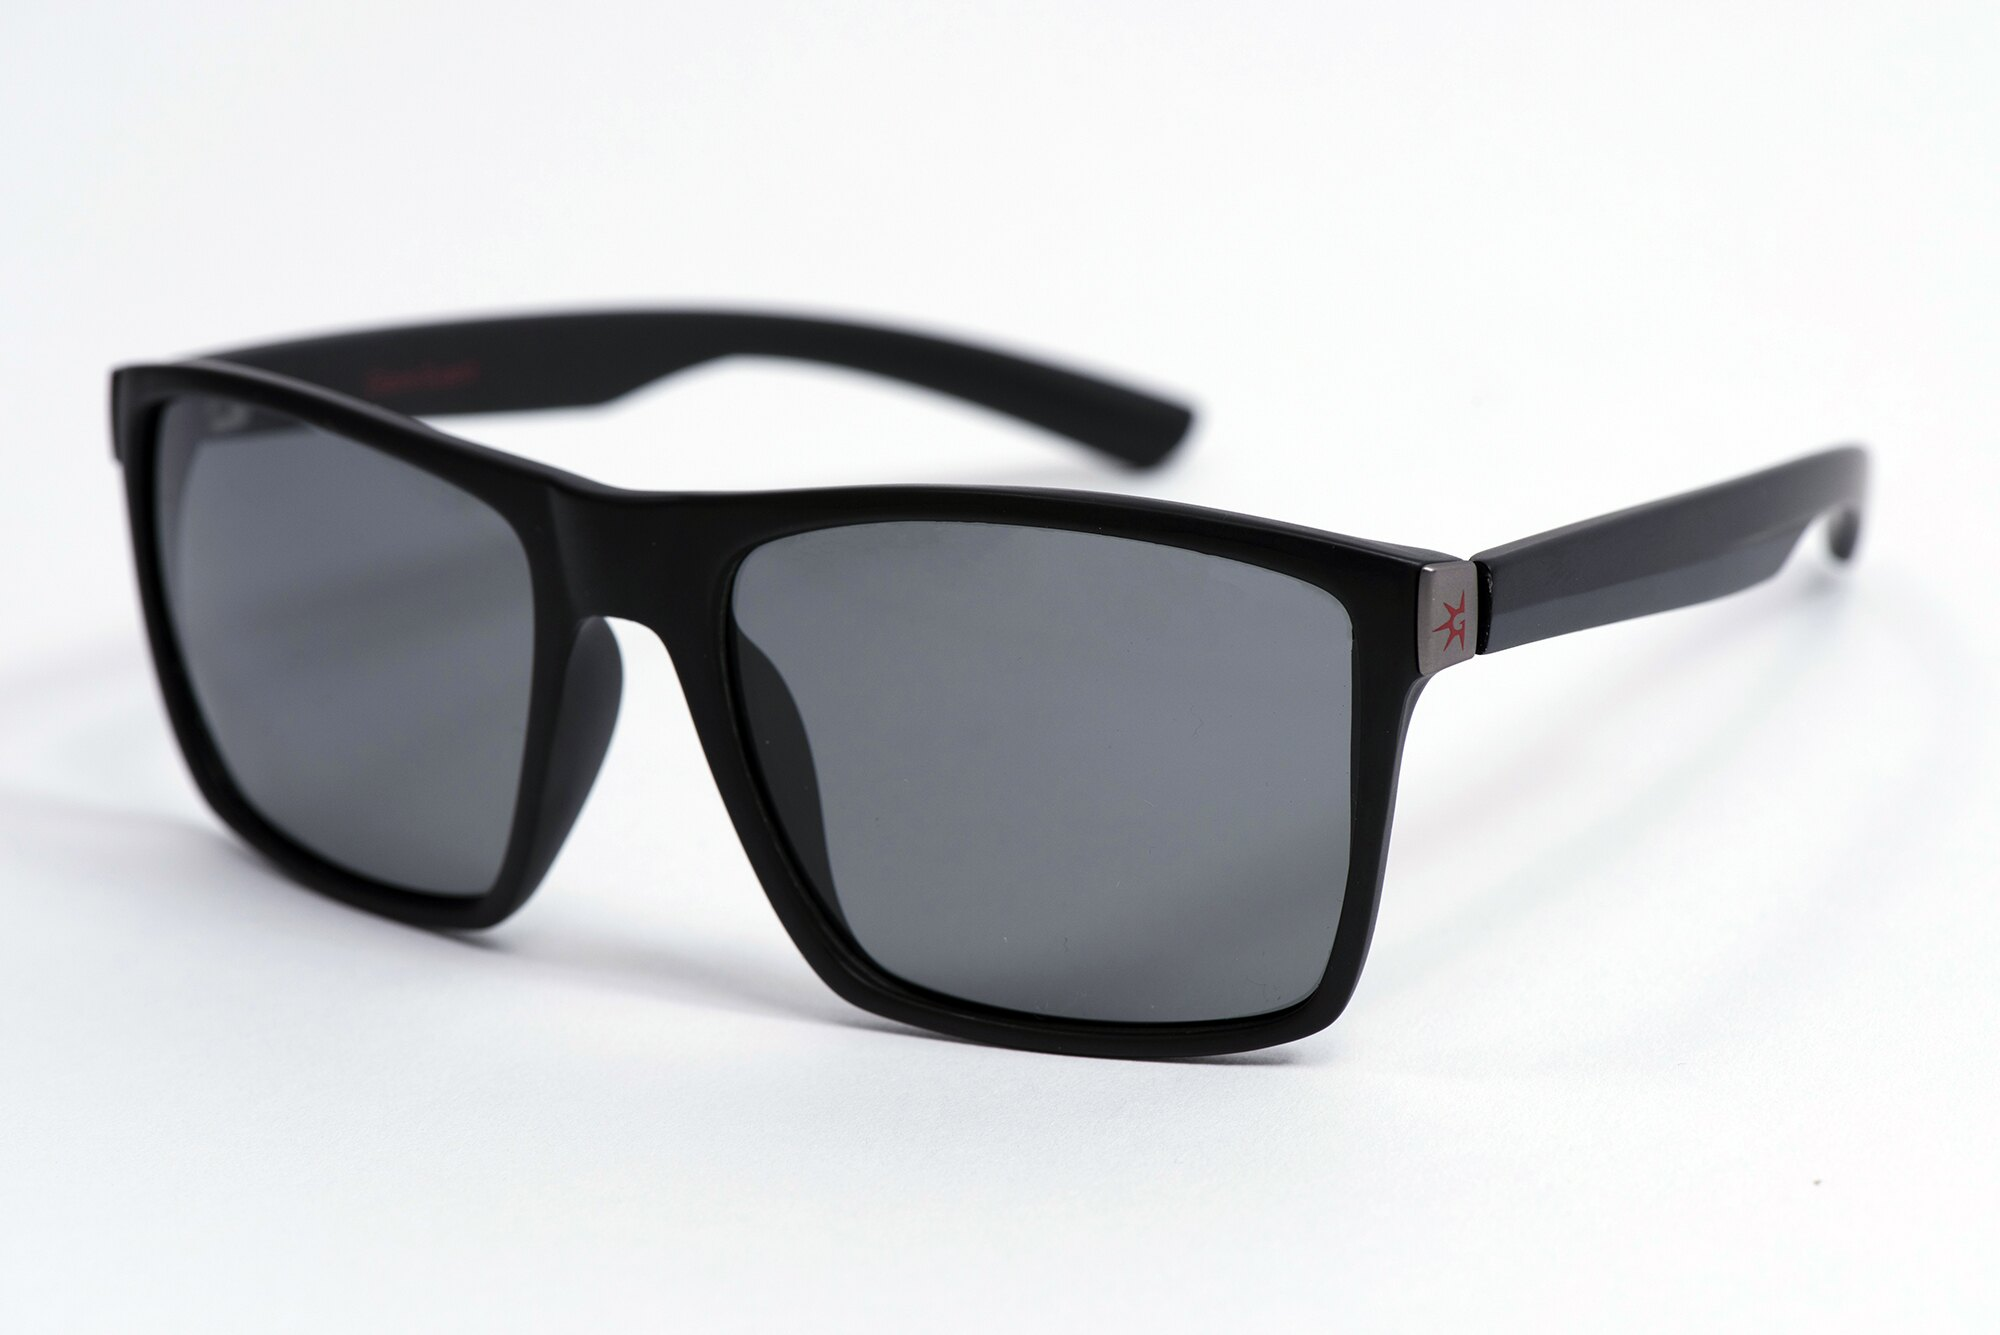 d186d25cb92a0 Glare Guard  Glare Guard Polarized Sunglasses for Men